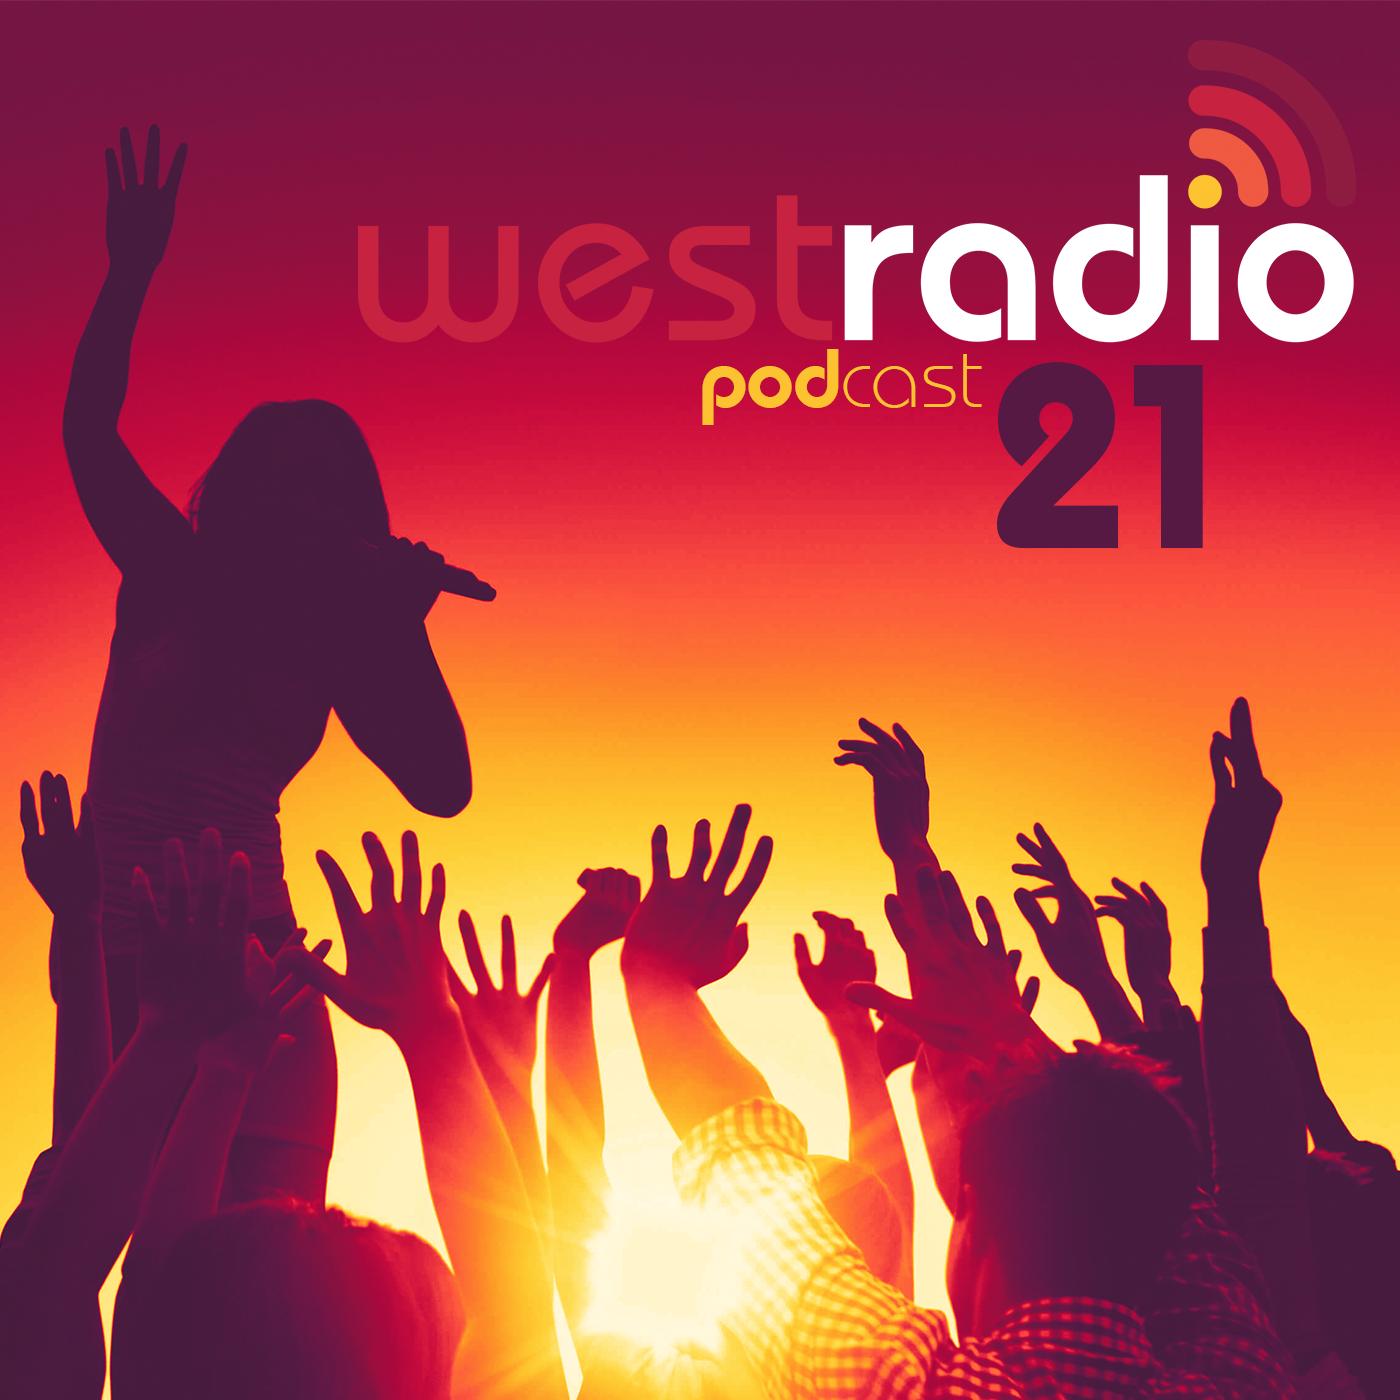 WestRadio - Podcast - 21